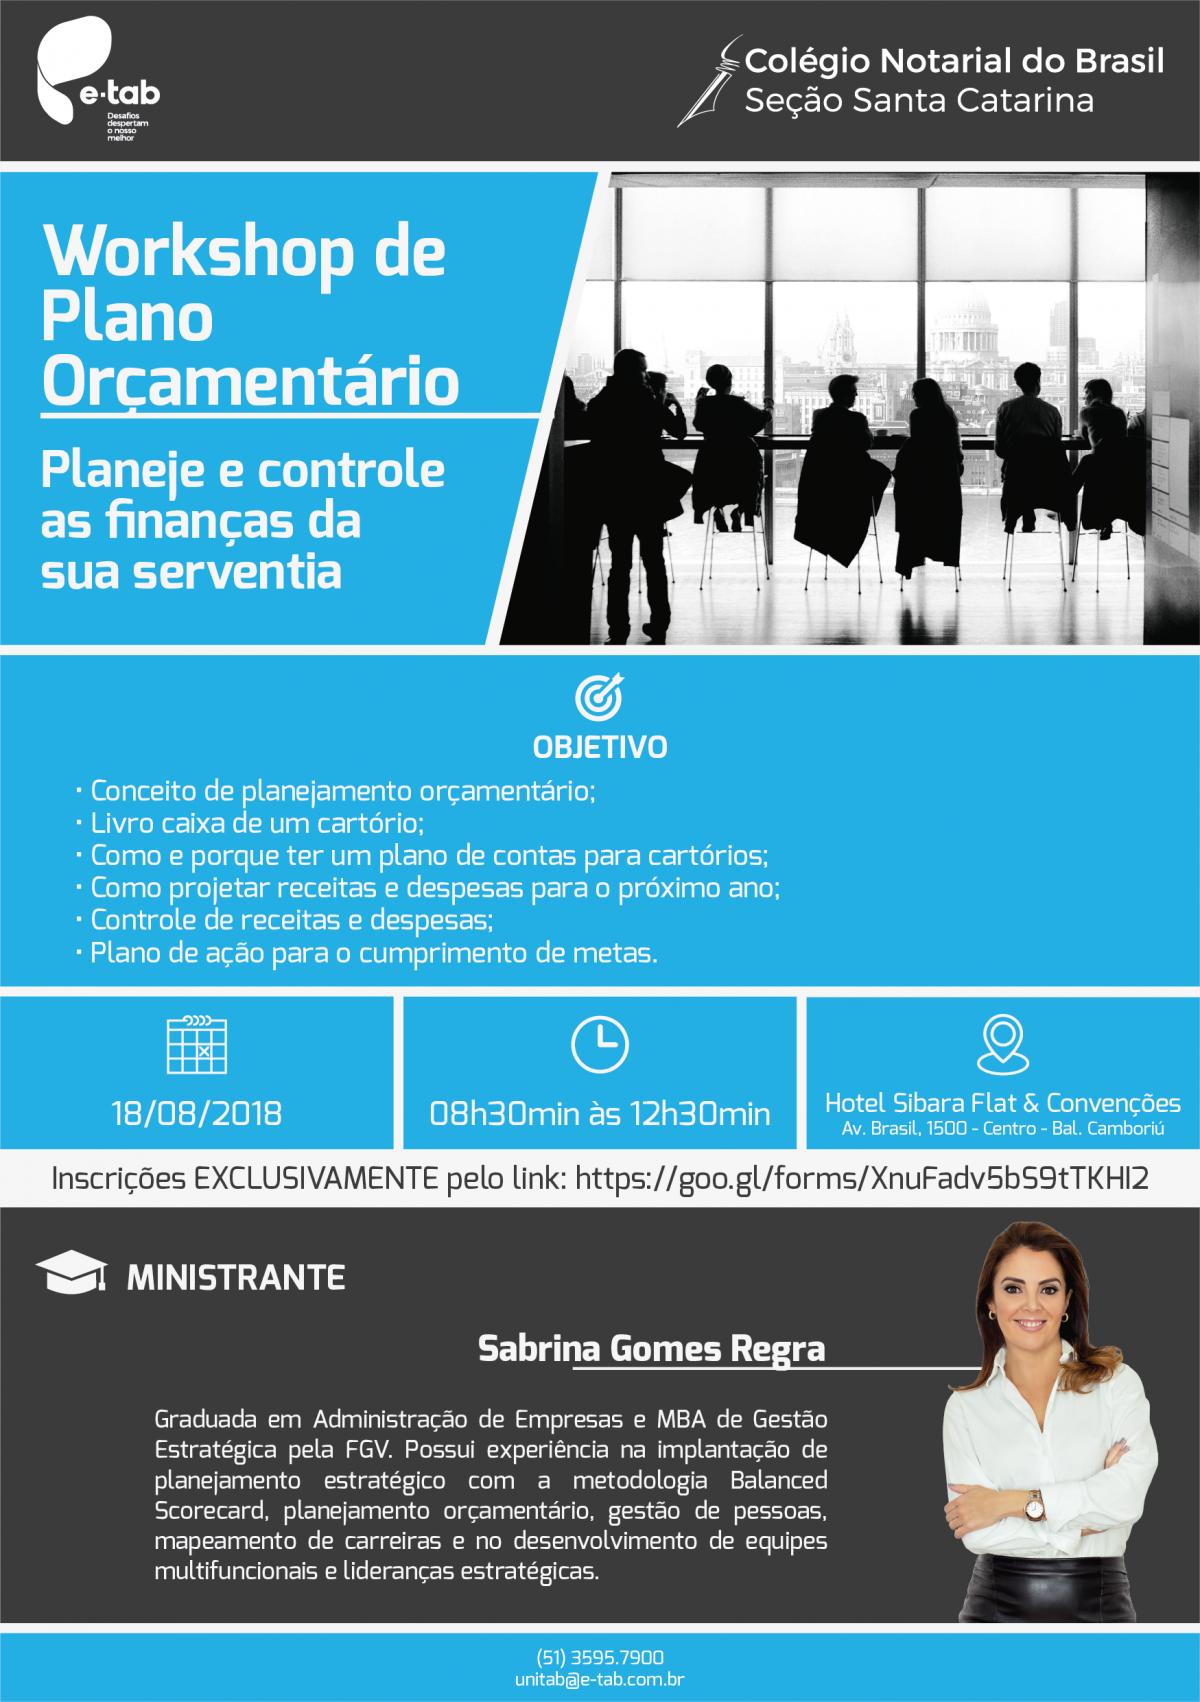 Workshop de Plano Orçamentário